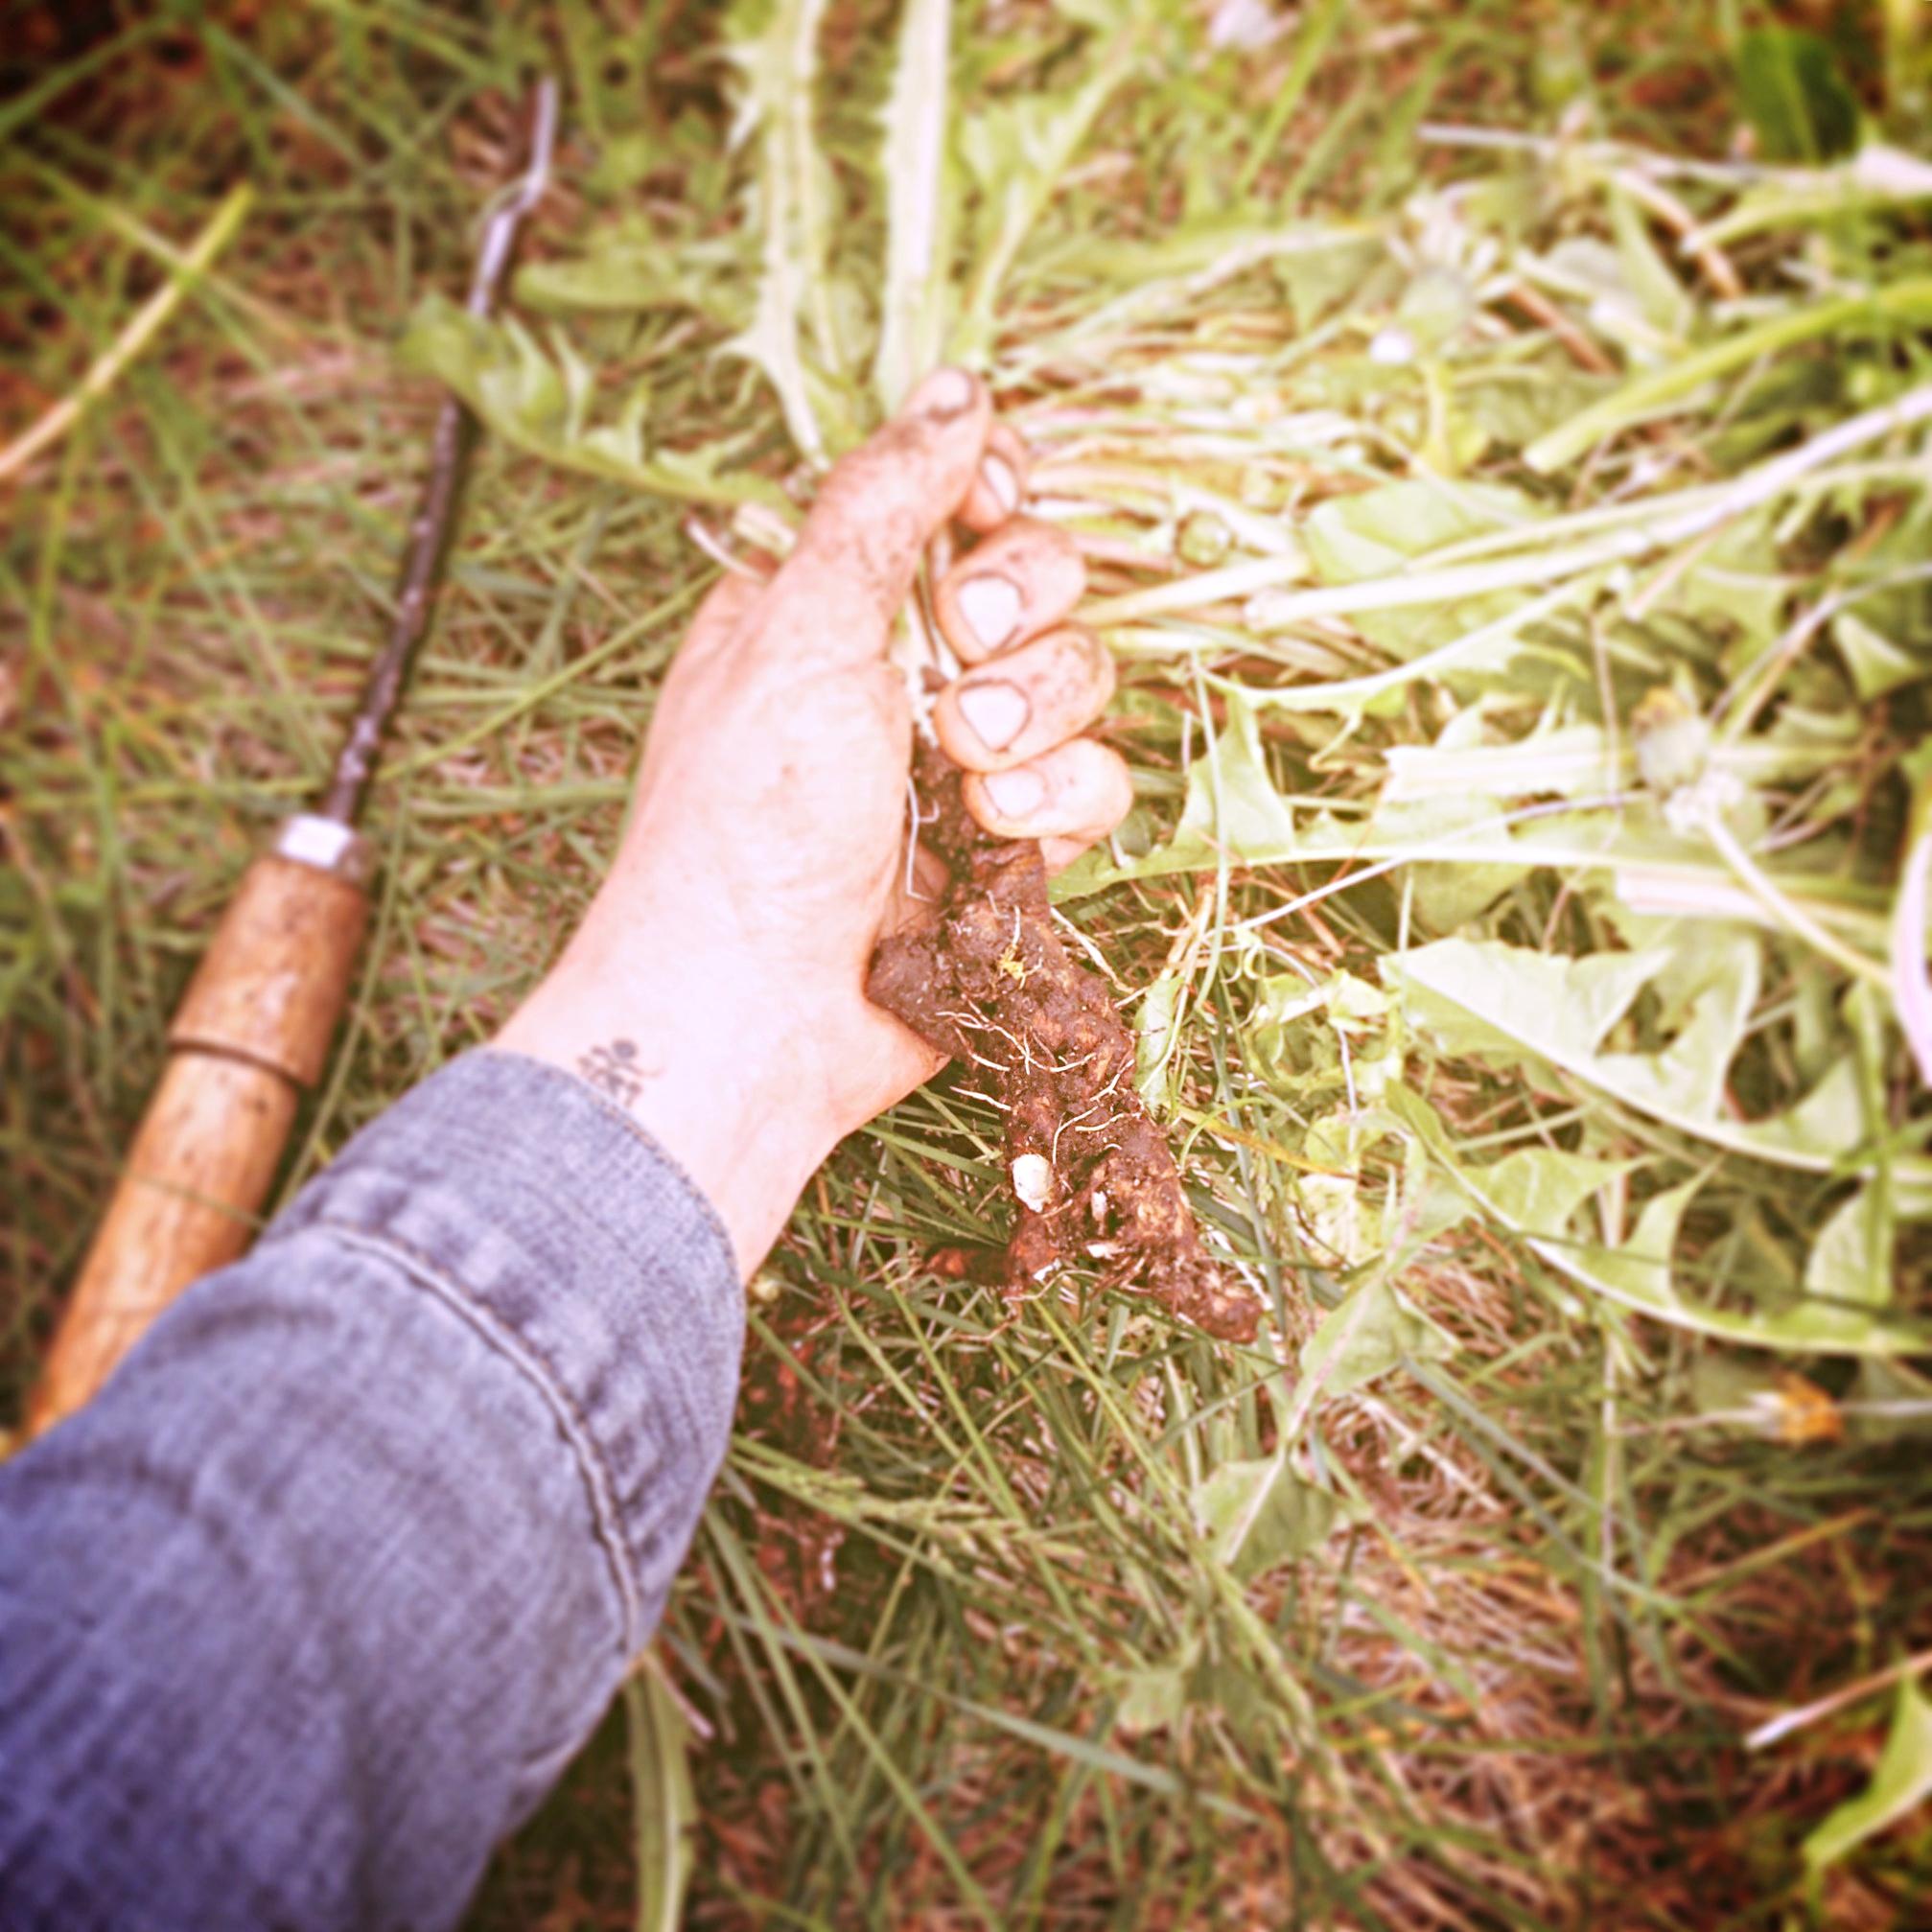 Wild dandelion root.